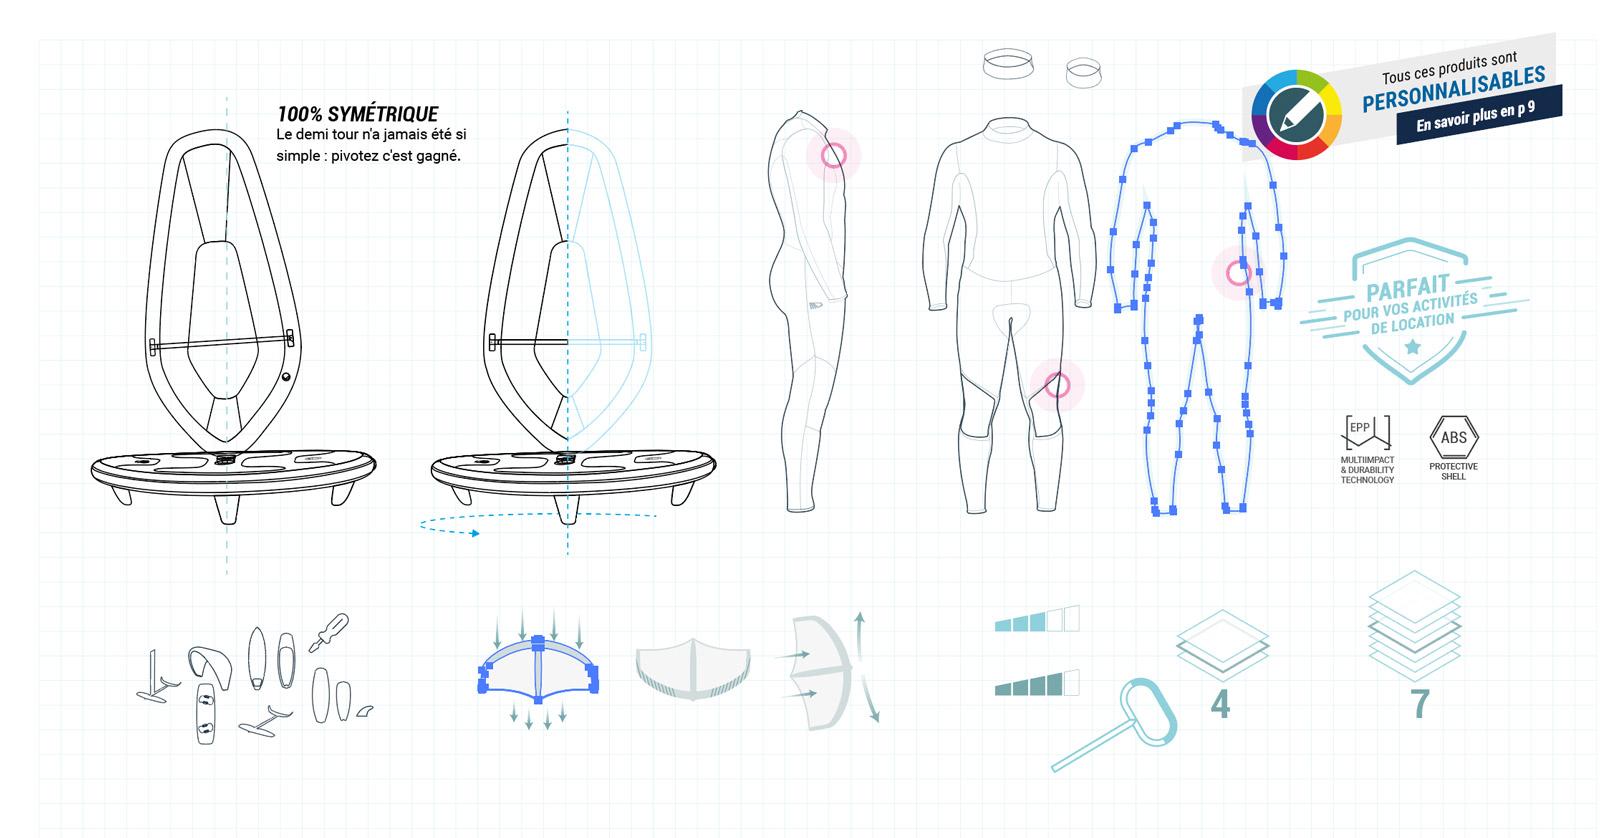 Maquette catalogue Decathlon Tribord - sports nautiques - Création vectorielle pictogrammes schémas produits